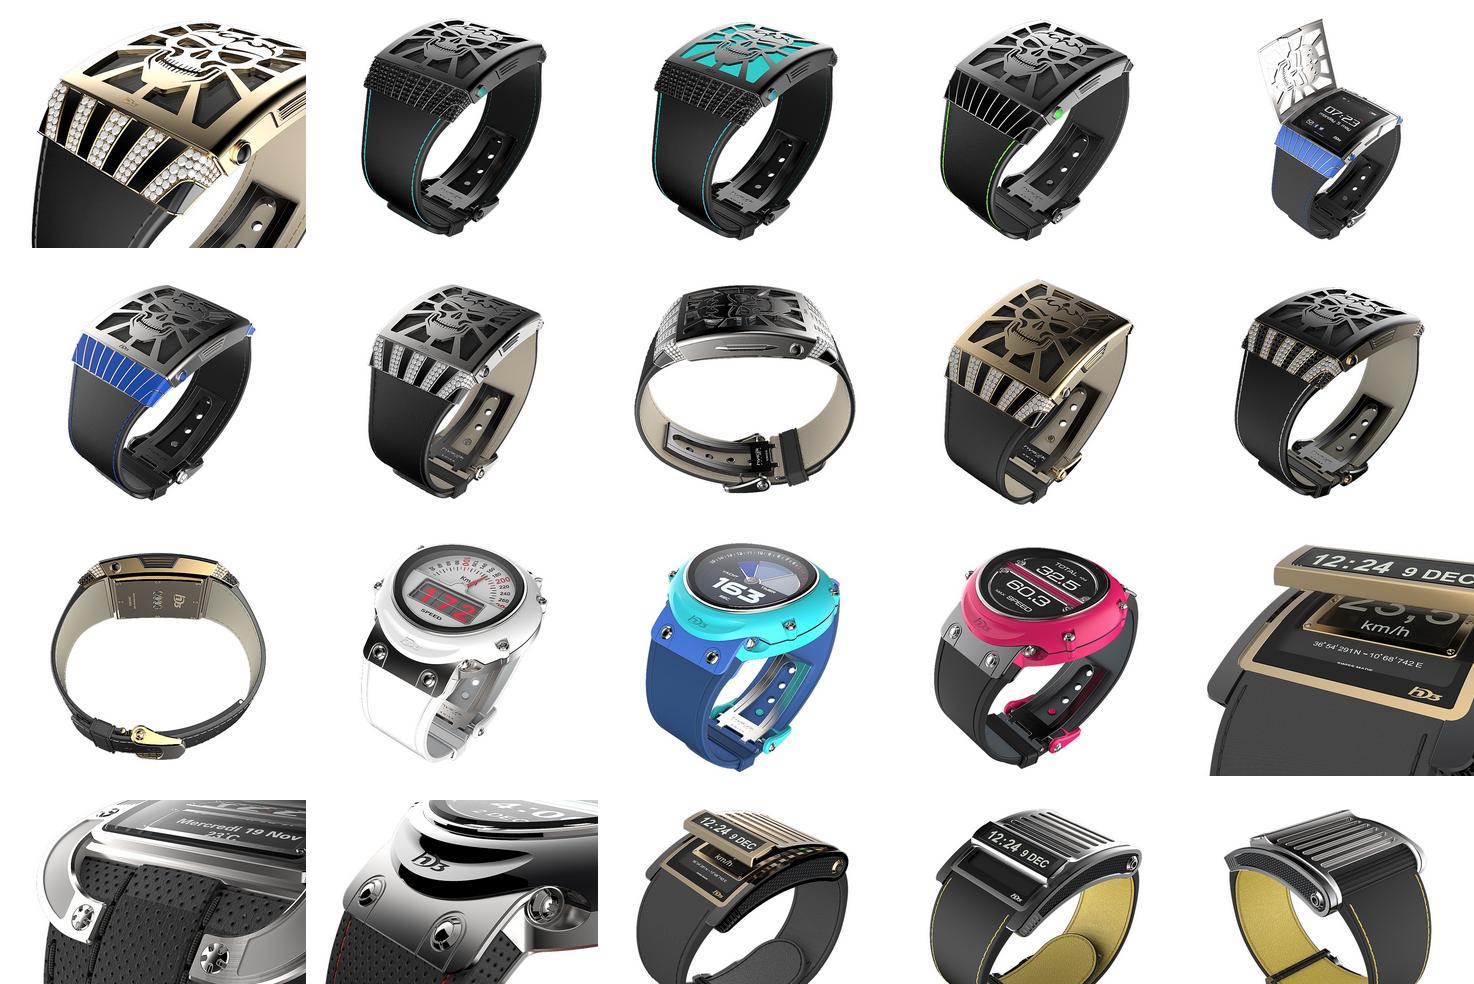 Смарт-часы класса премиум: какие предложения есть на рынке - 9